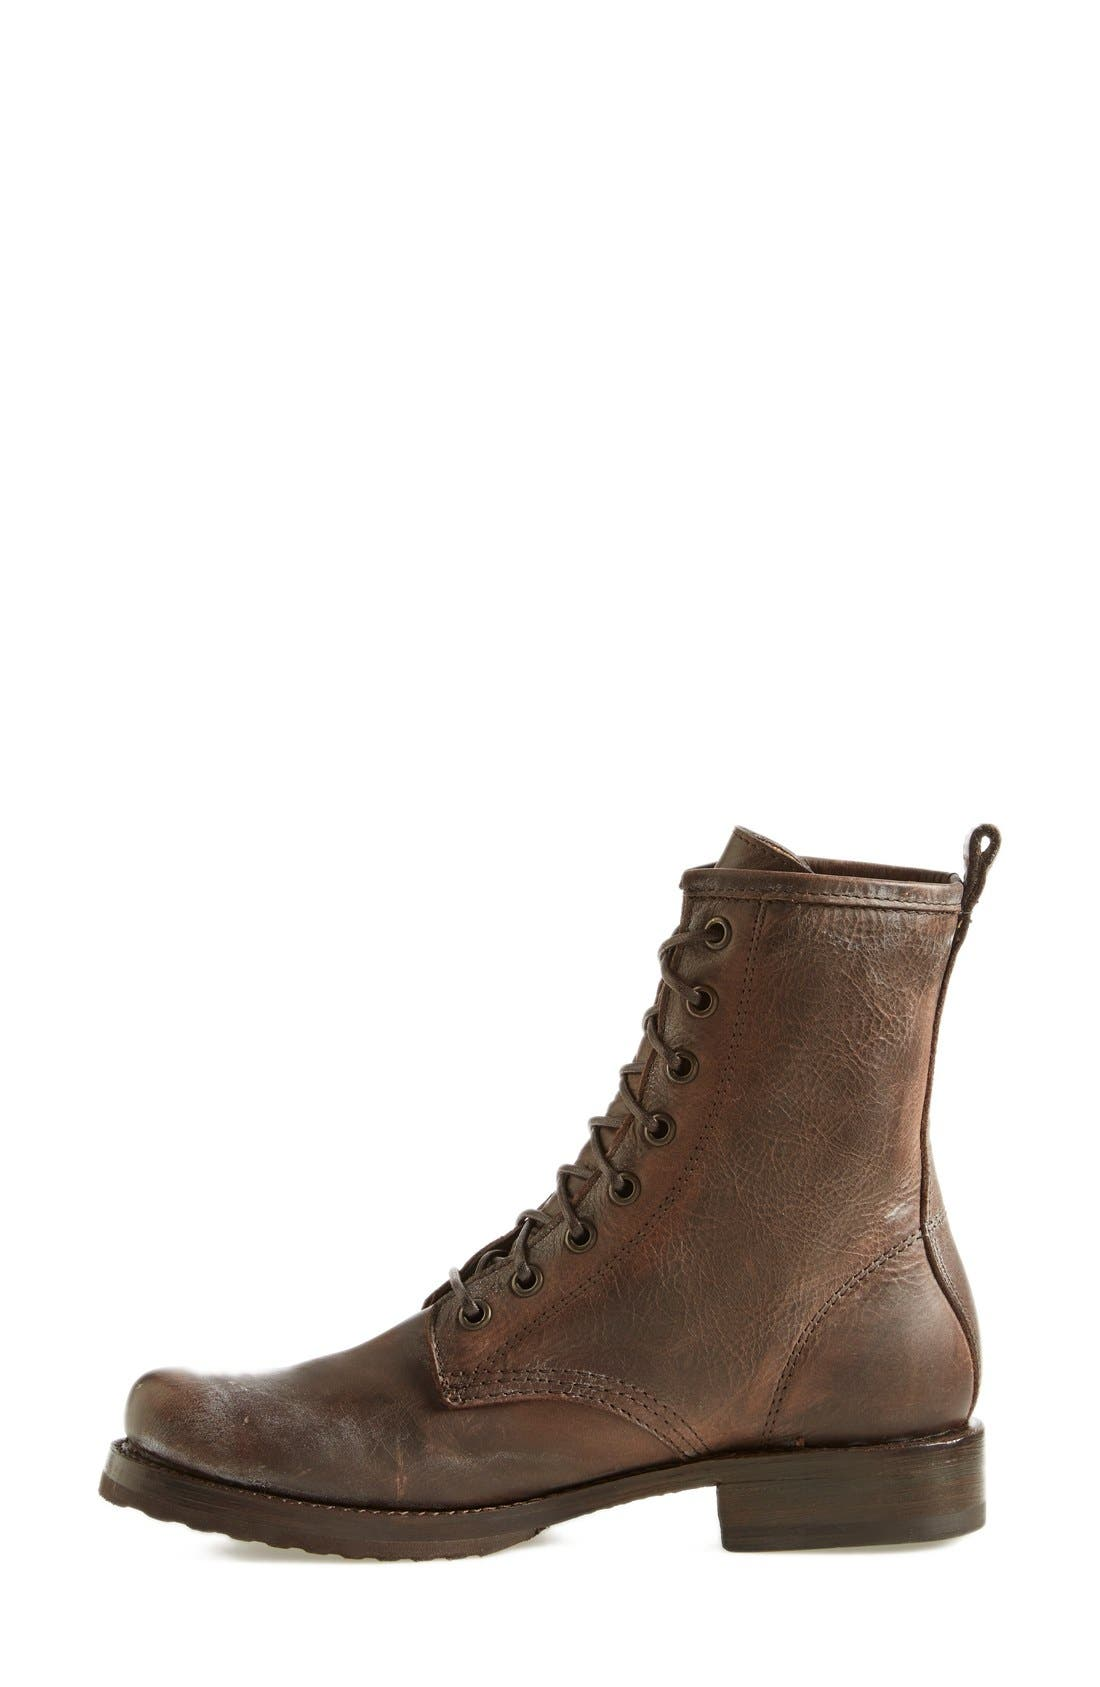 Alternate Image 3  - Frye 'Veronica Combat' Boot (Women)